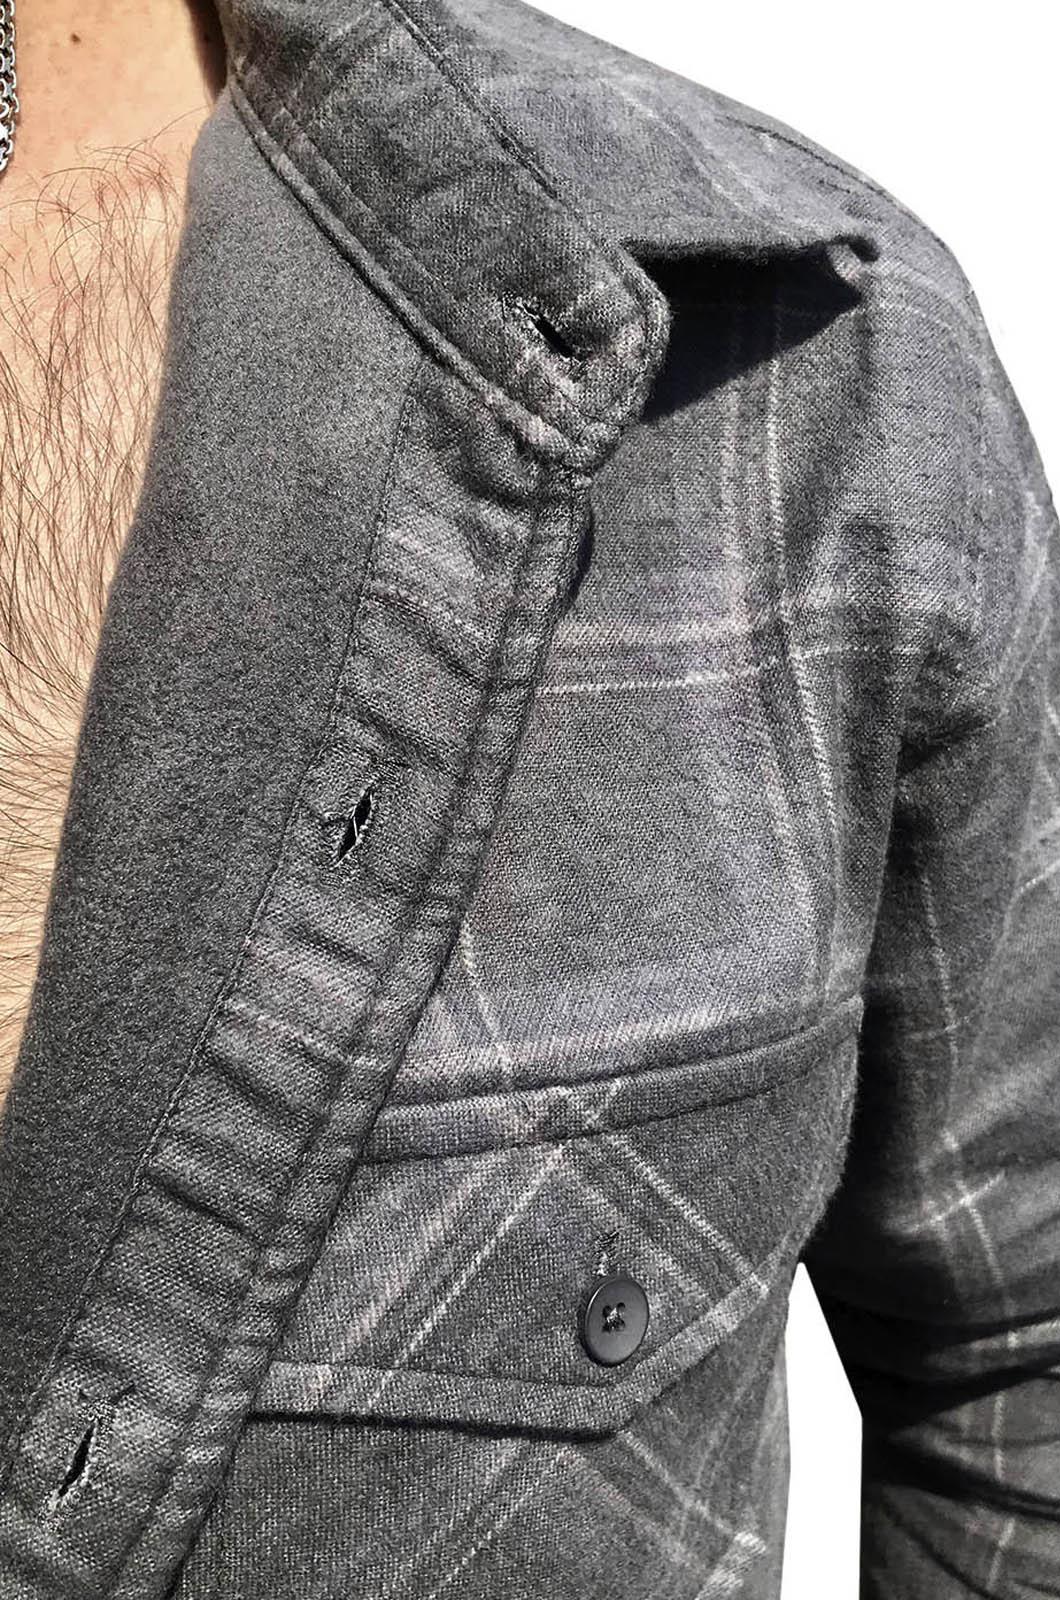 Крутая рубашка с вышитым полевым шевроном Новороссия - купить в подарок